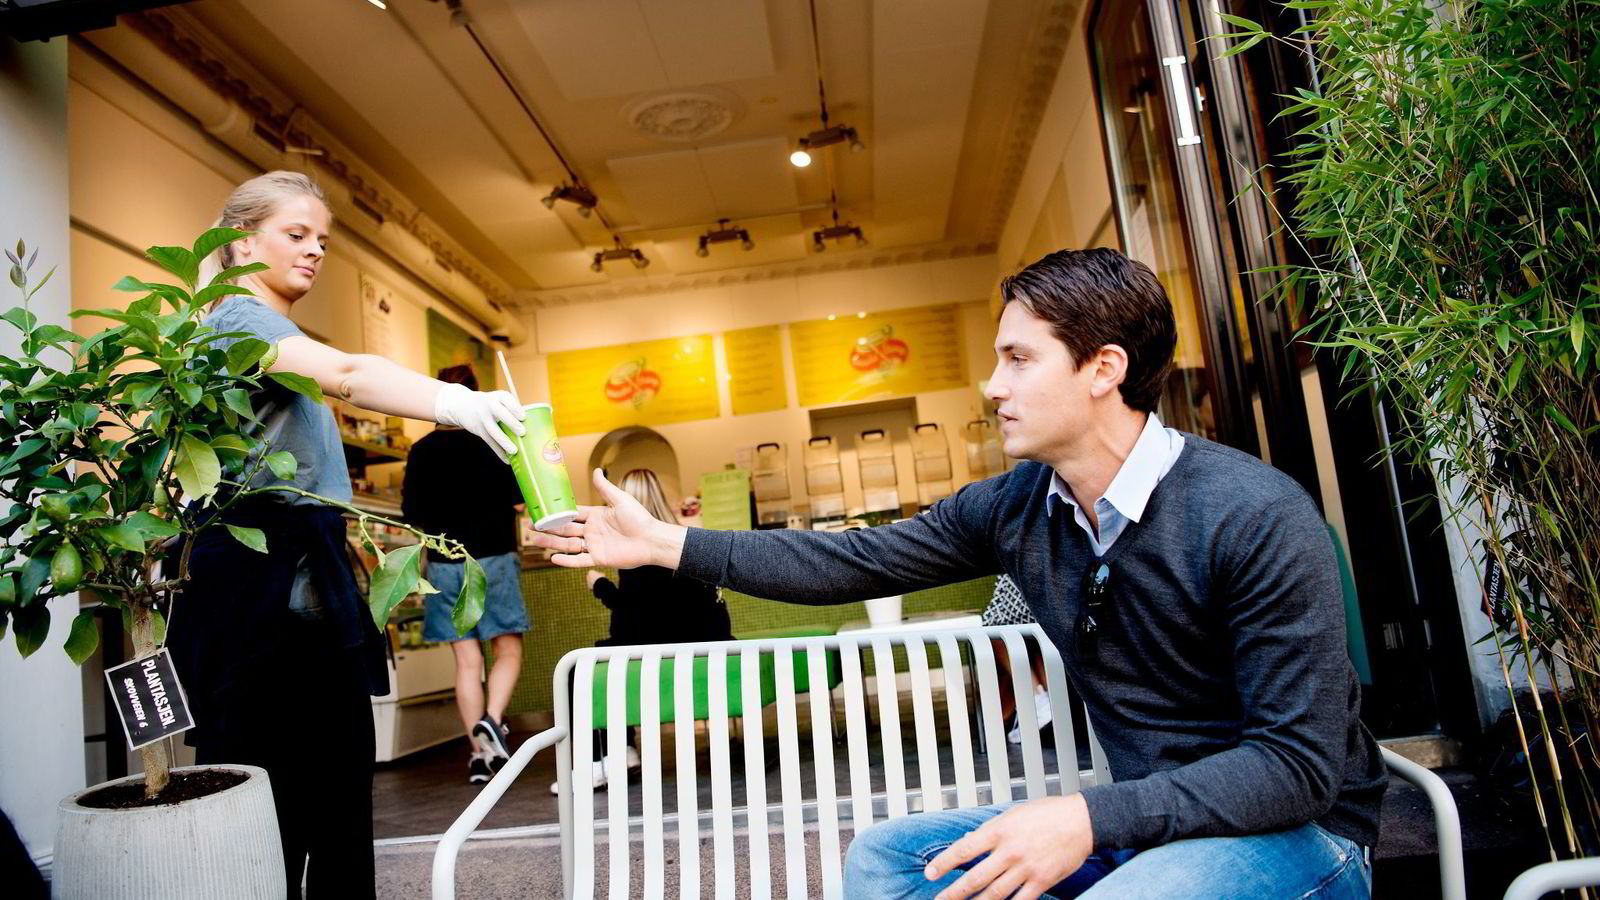 Magnus Berner og kona Lene Undheim Berner solgte smoothier for 50 millioner kroner i 2015.